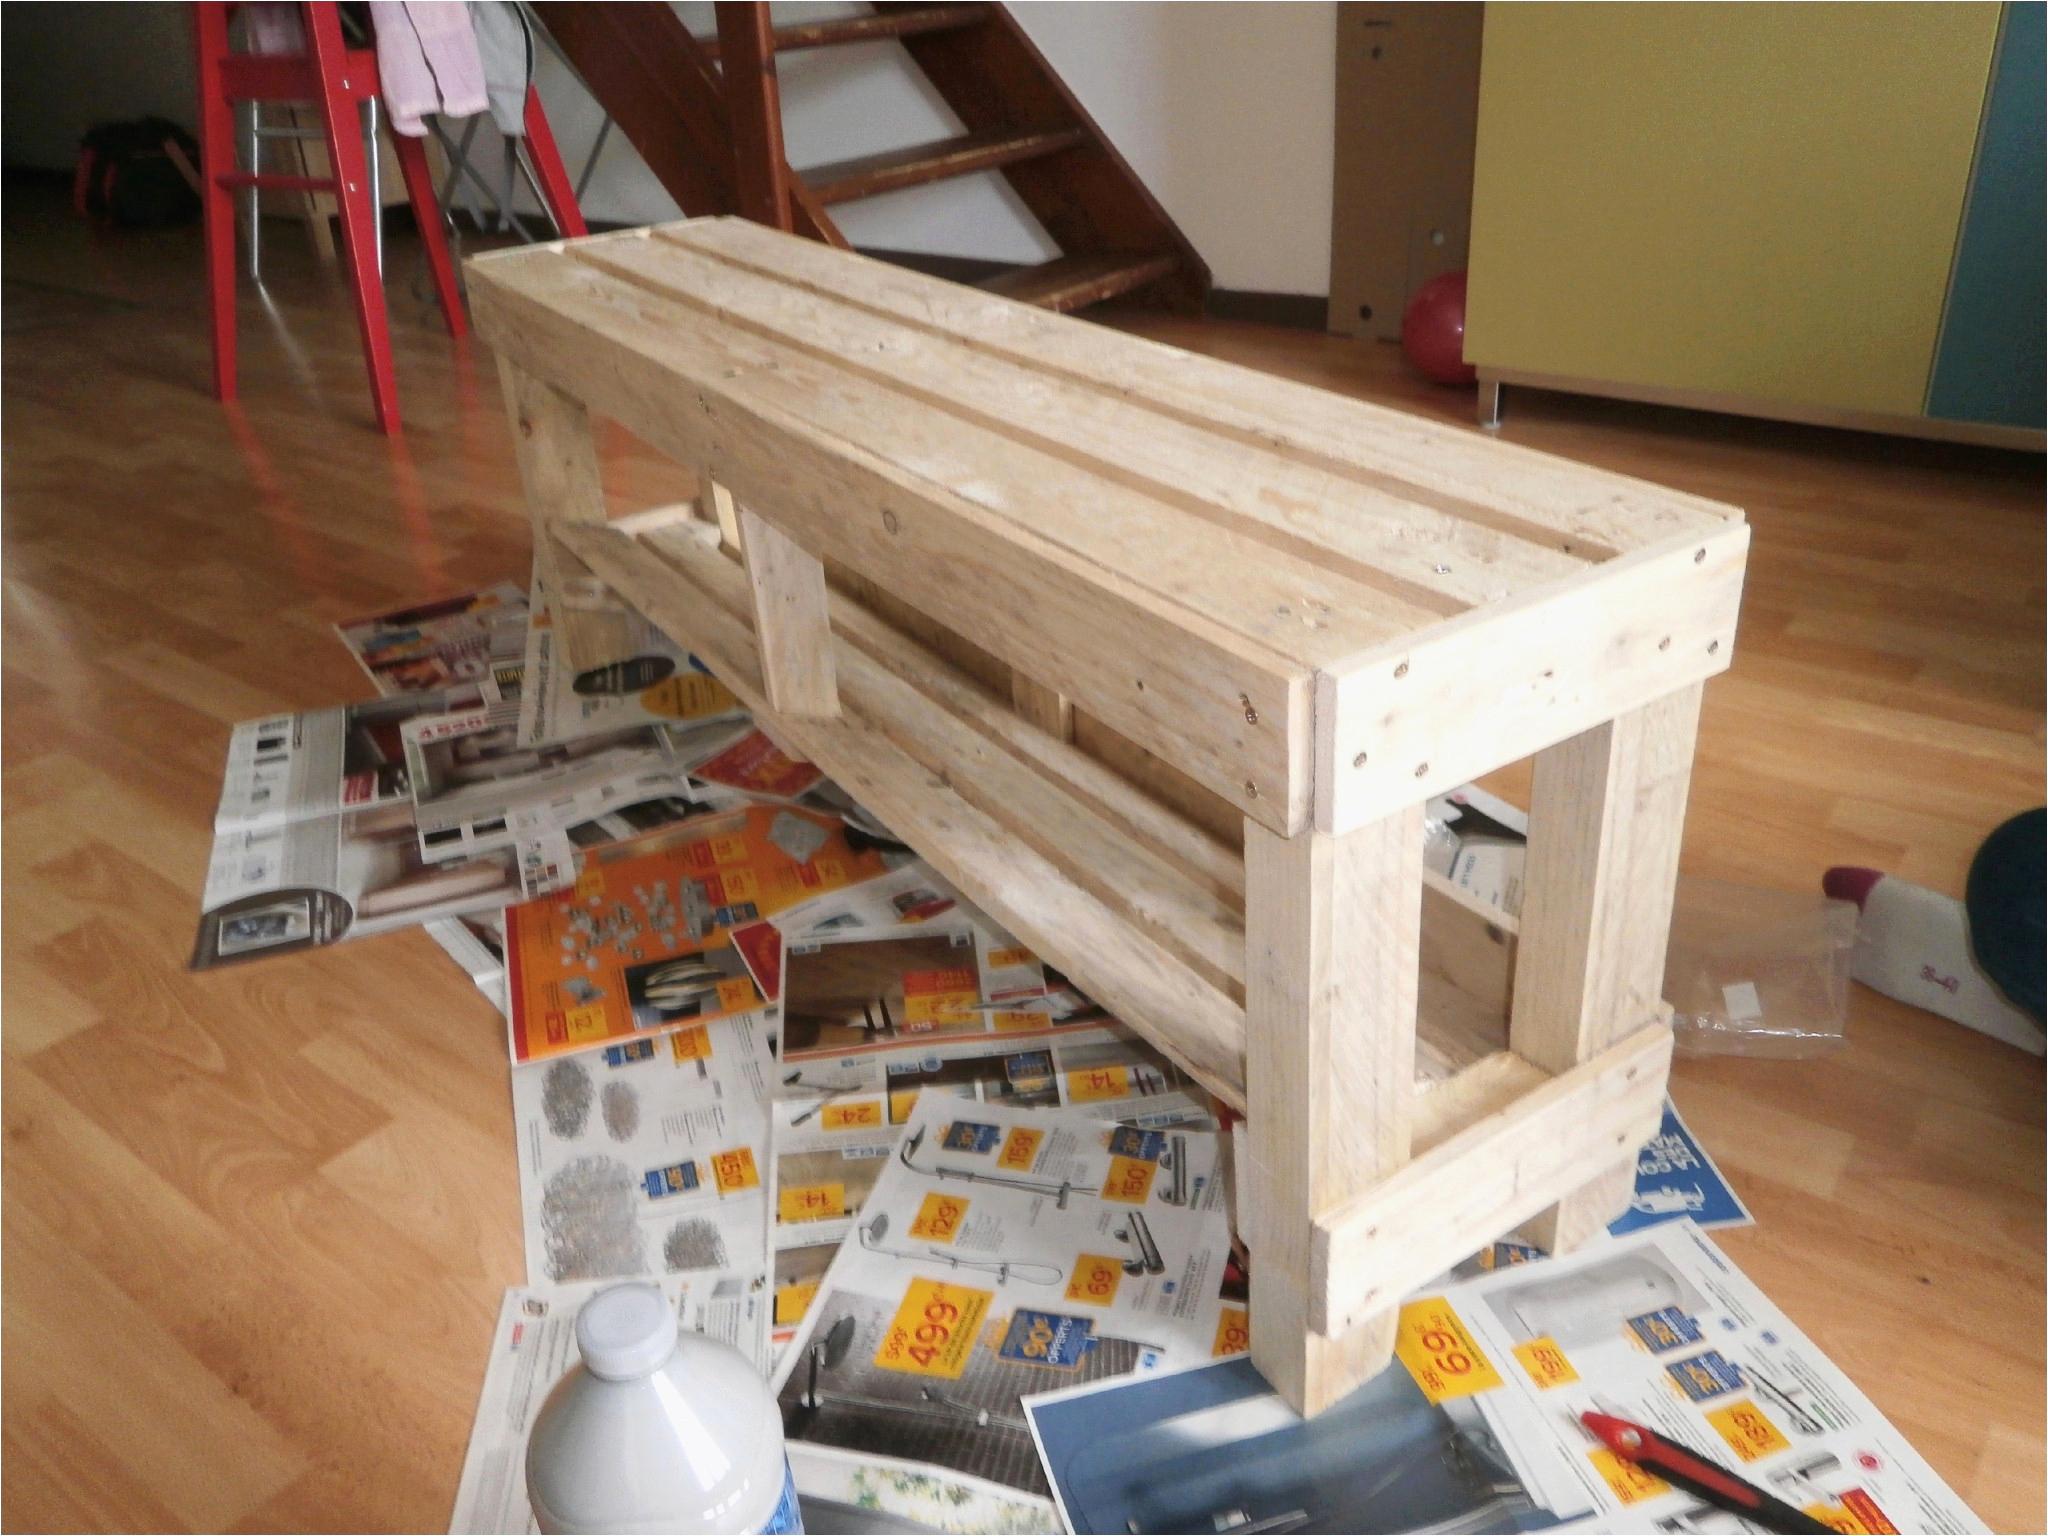 fabriquer un fauteuil en palette beau meuble en palette plan plan meuble palette impressionnant galerie of fabriquer un fauteuil en palette